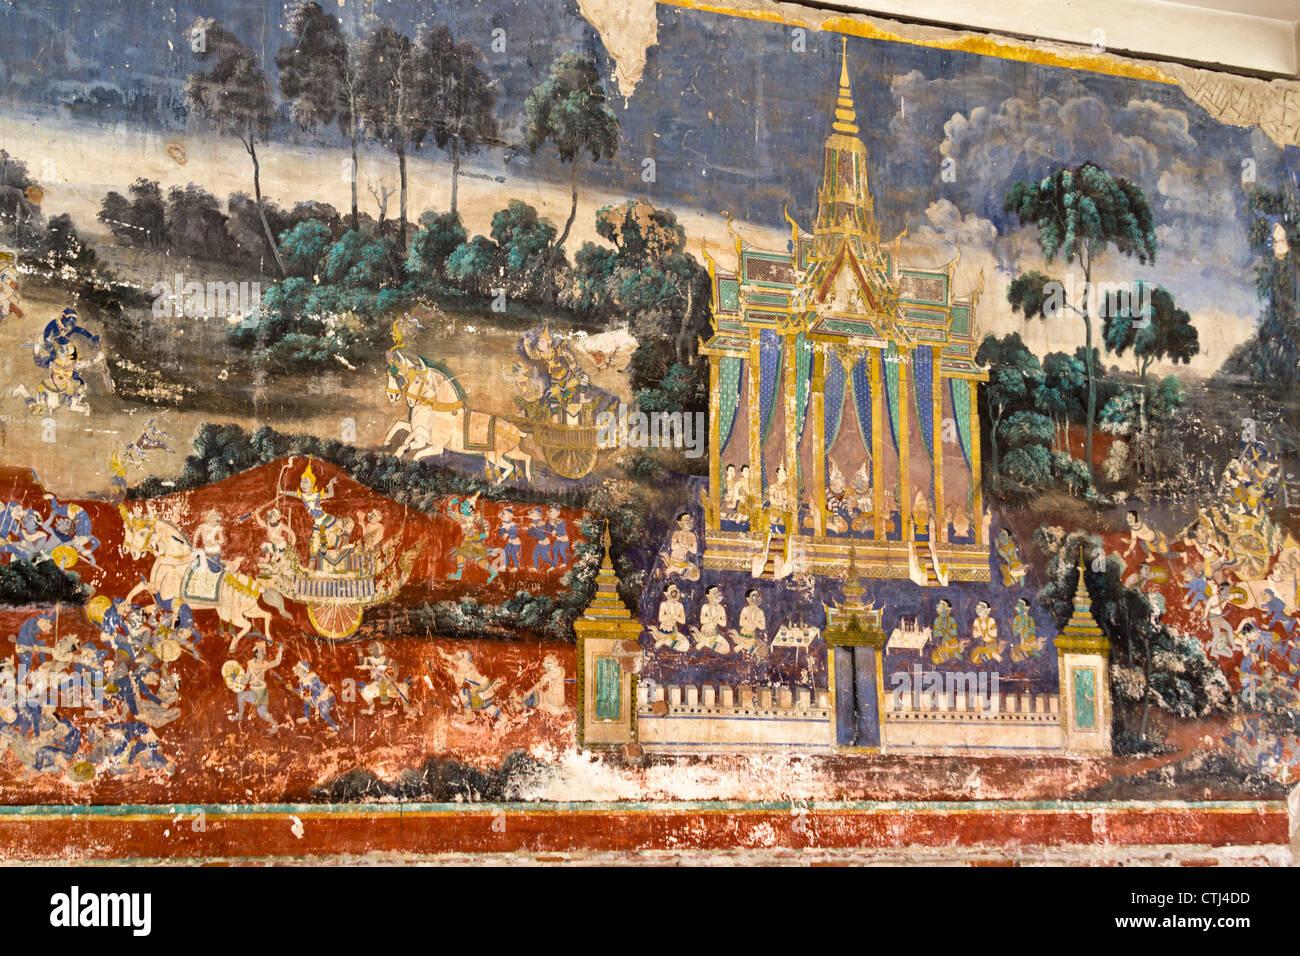 Royal Palace , Wall Painting, Phnom Penh , Cambodia - Stock Image